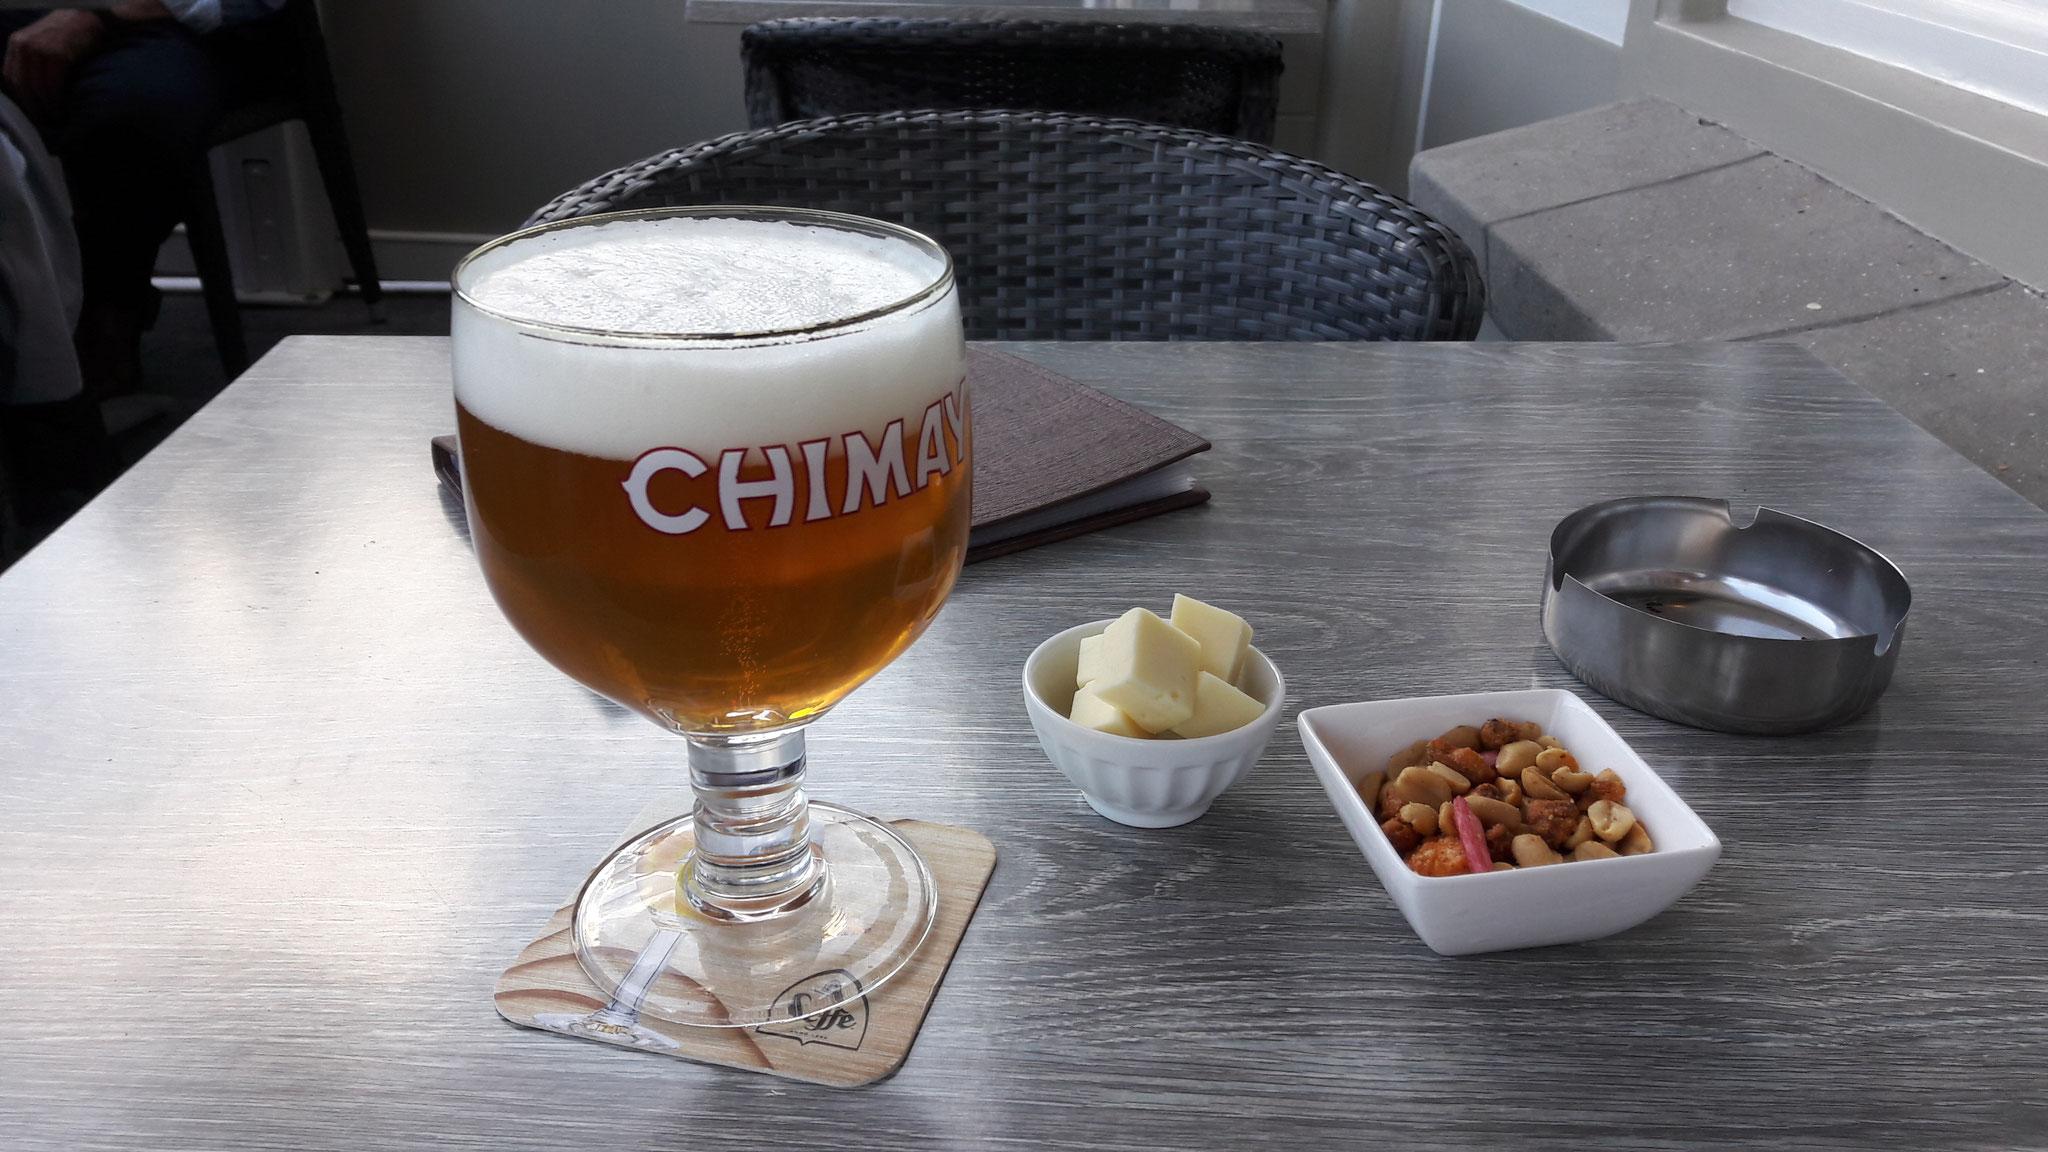 belgisches Bier, serviert mit Knapperzeug und Käse, lecker